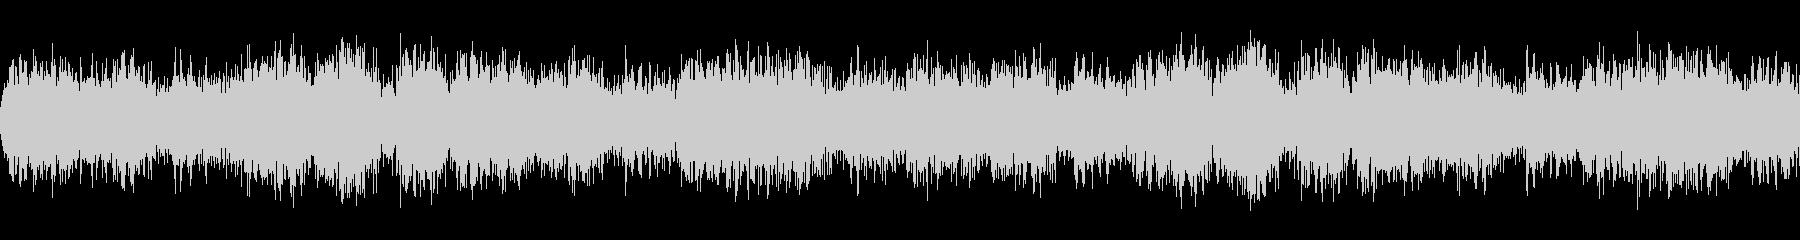 緊迫 緊急 オーケストラ2 ループの未再生の波形